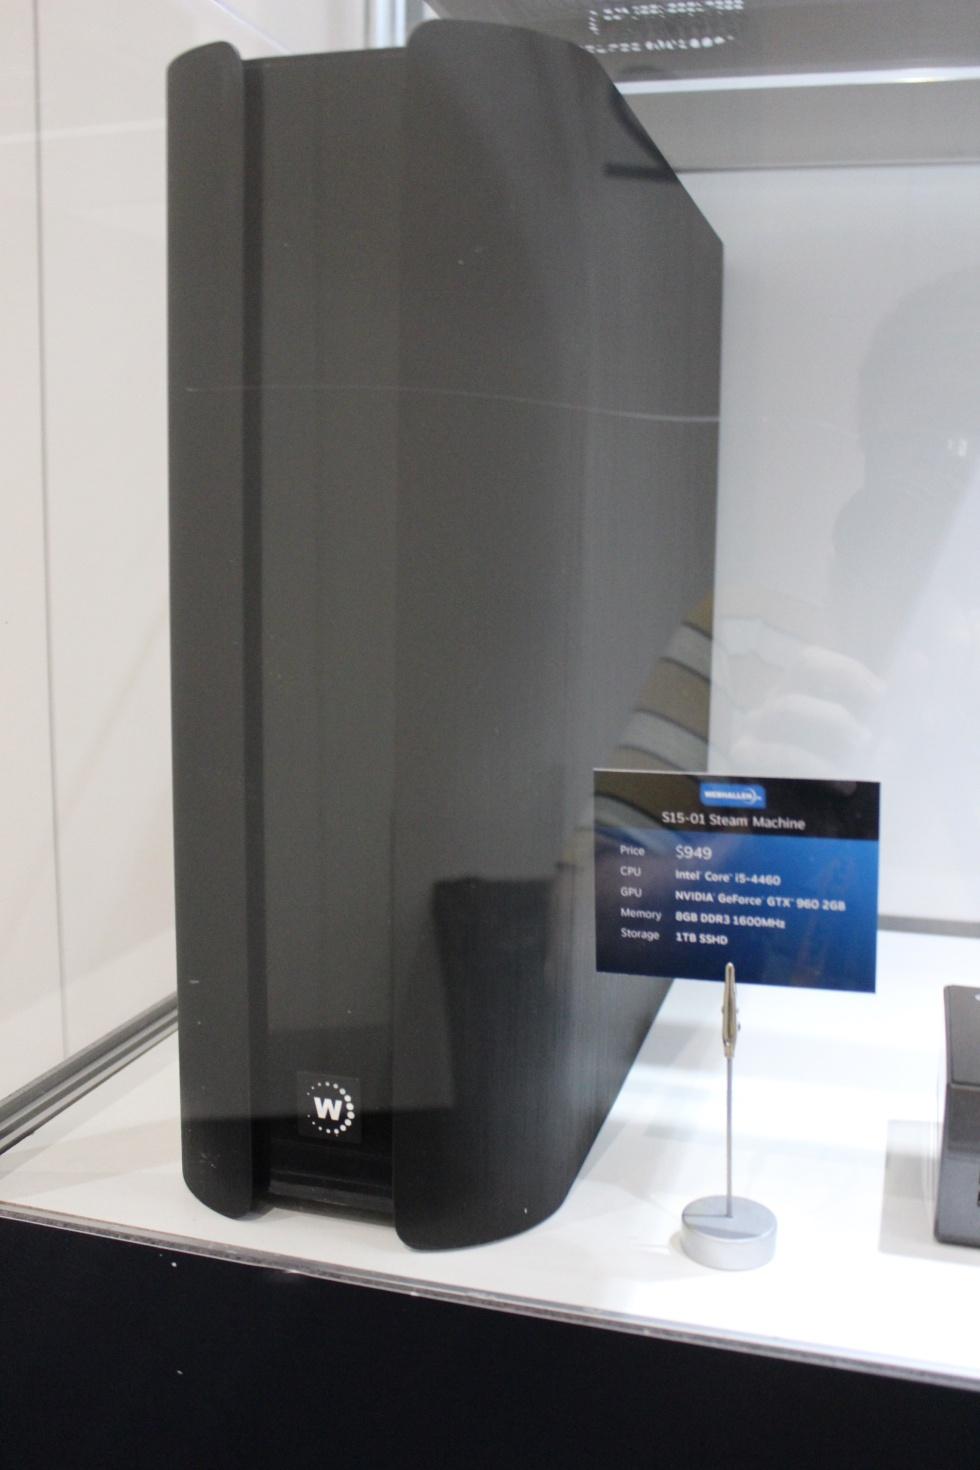 webhallen steam machine